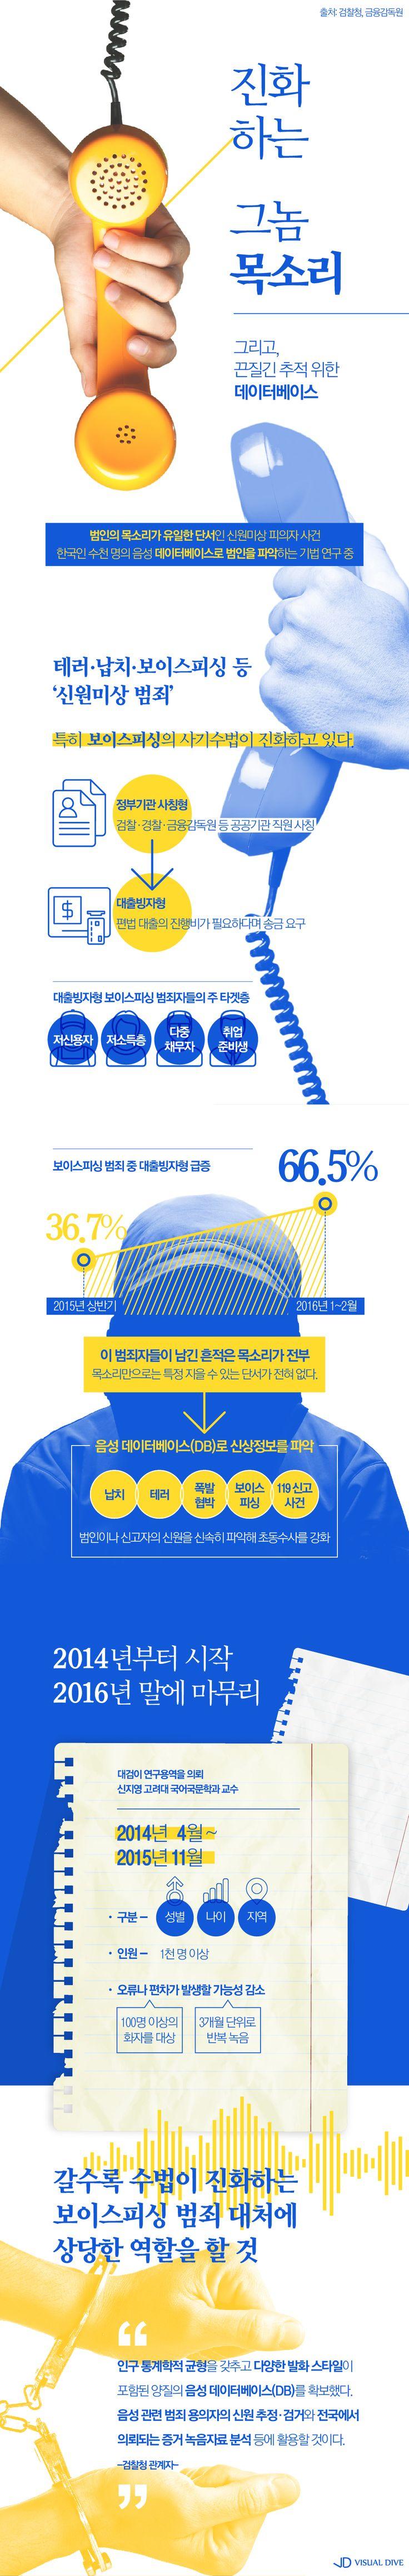 검찰, 한국인 음성 DB 구축해 '그놈 목소리' 찾아낸다 [인포그래픽] #voice / #Infographic ⓒ 비주얼다이브 무단 복사·전재·재배포 금지